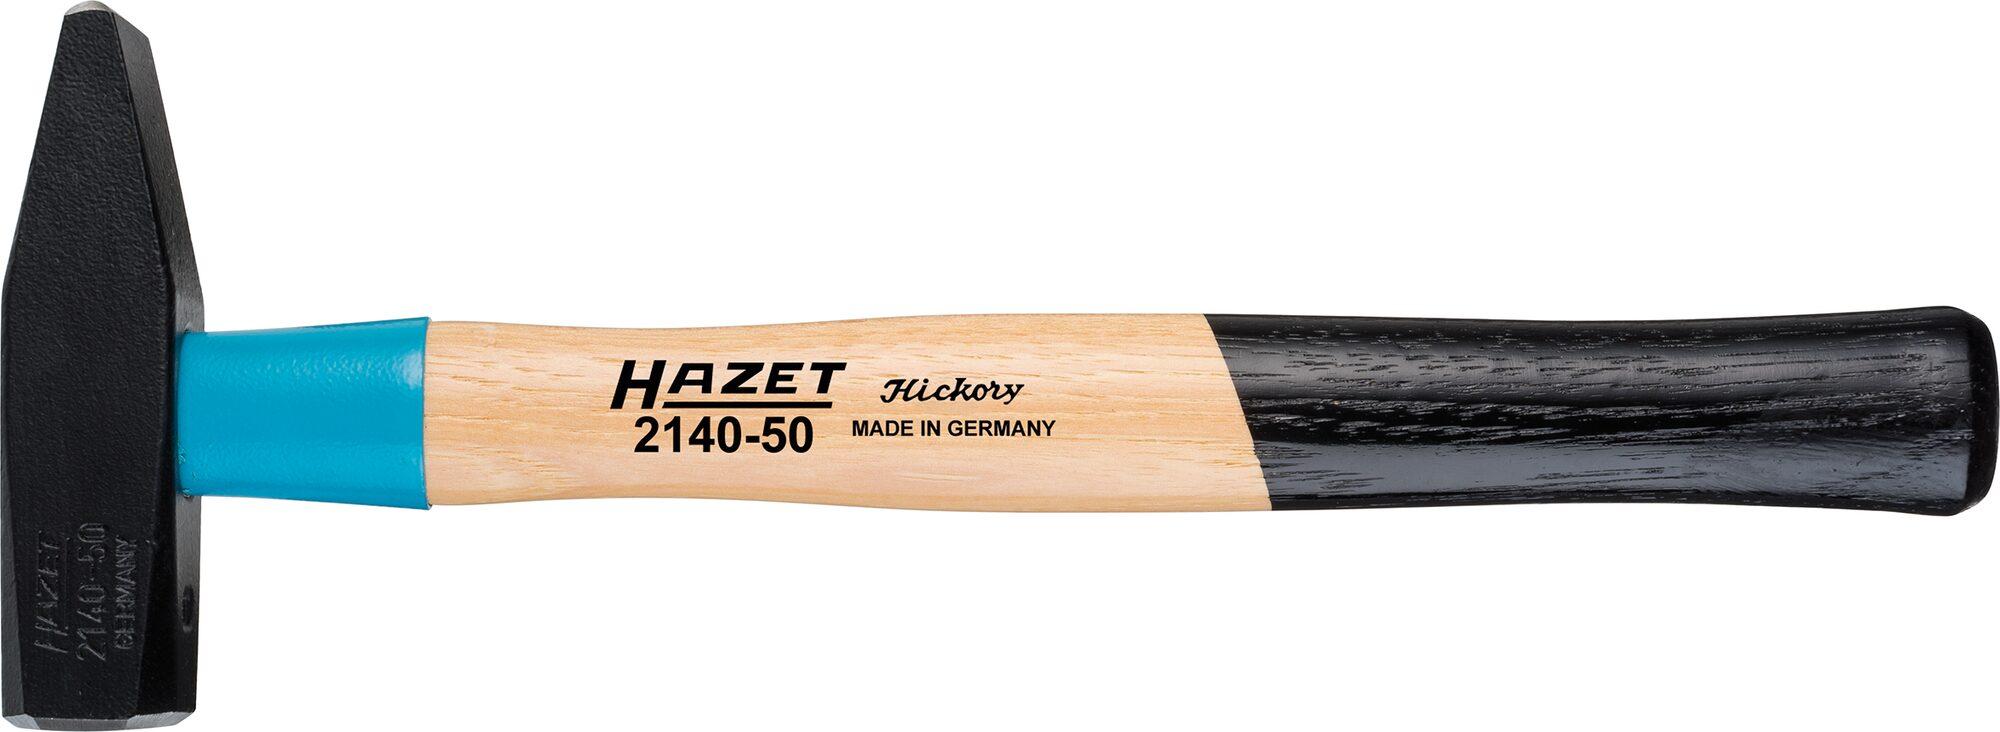 HAZET Schlosserhammer BluGuard 2140-50